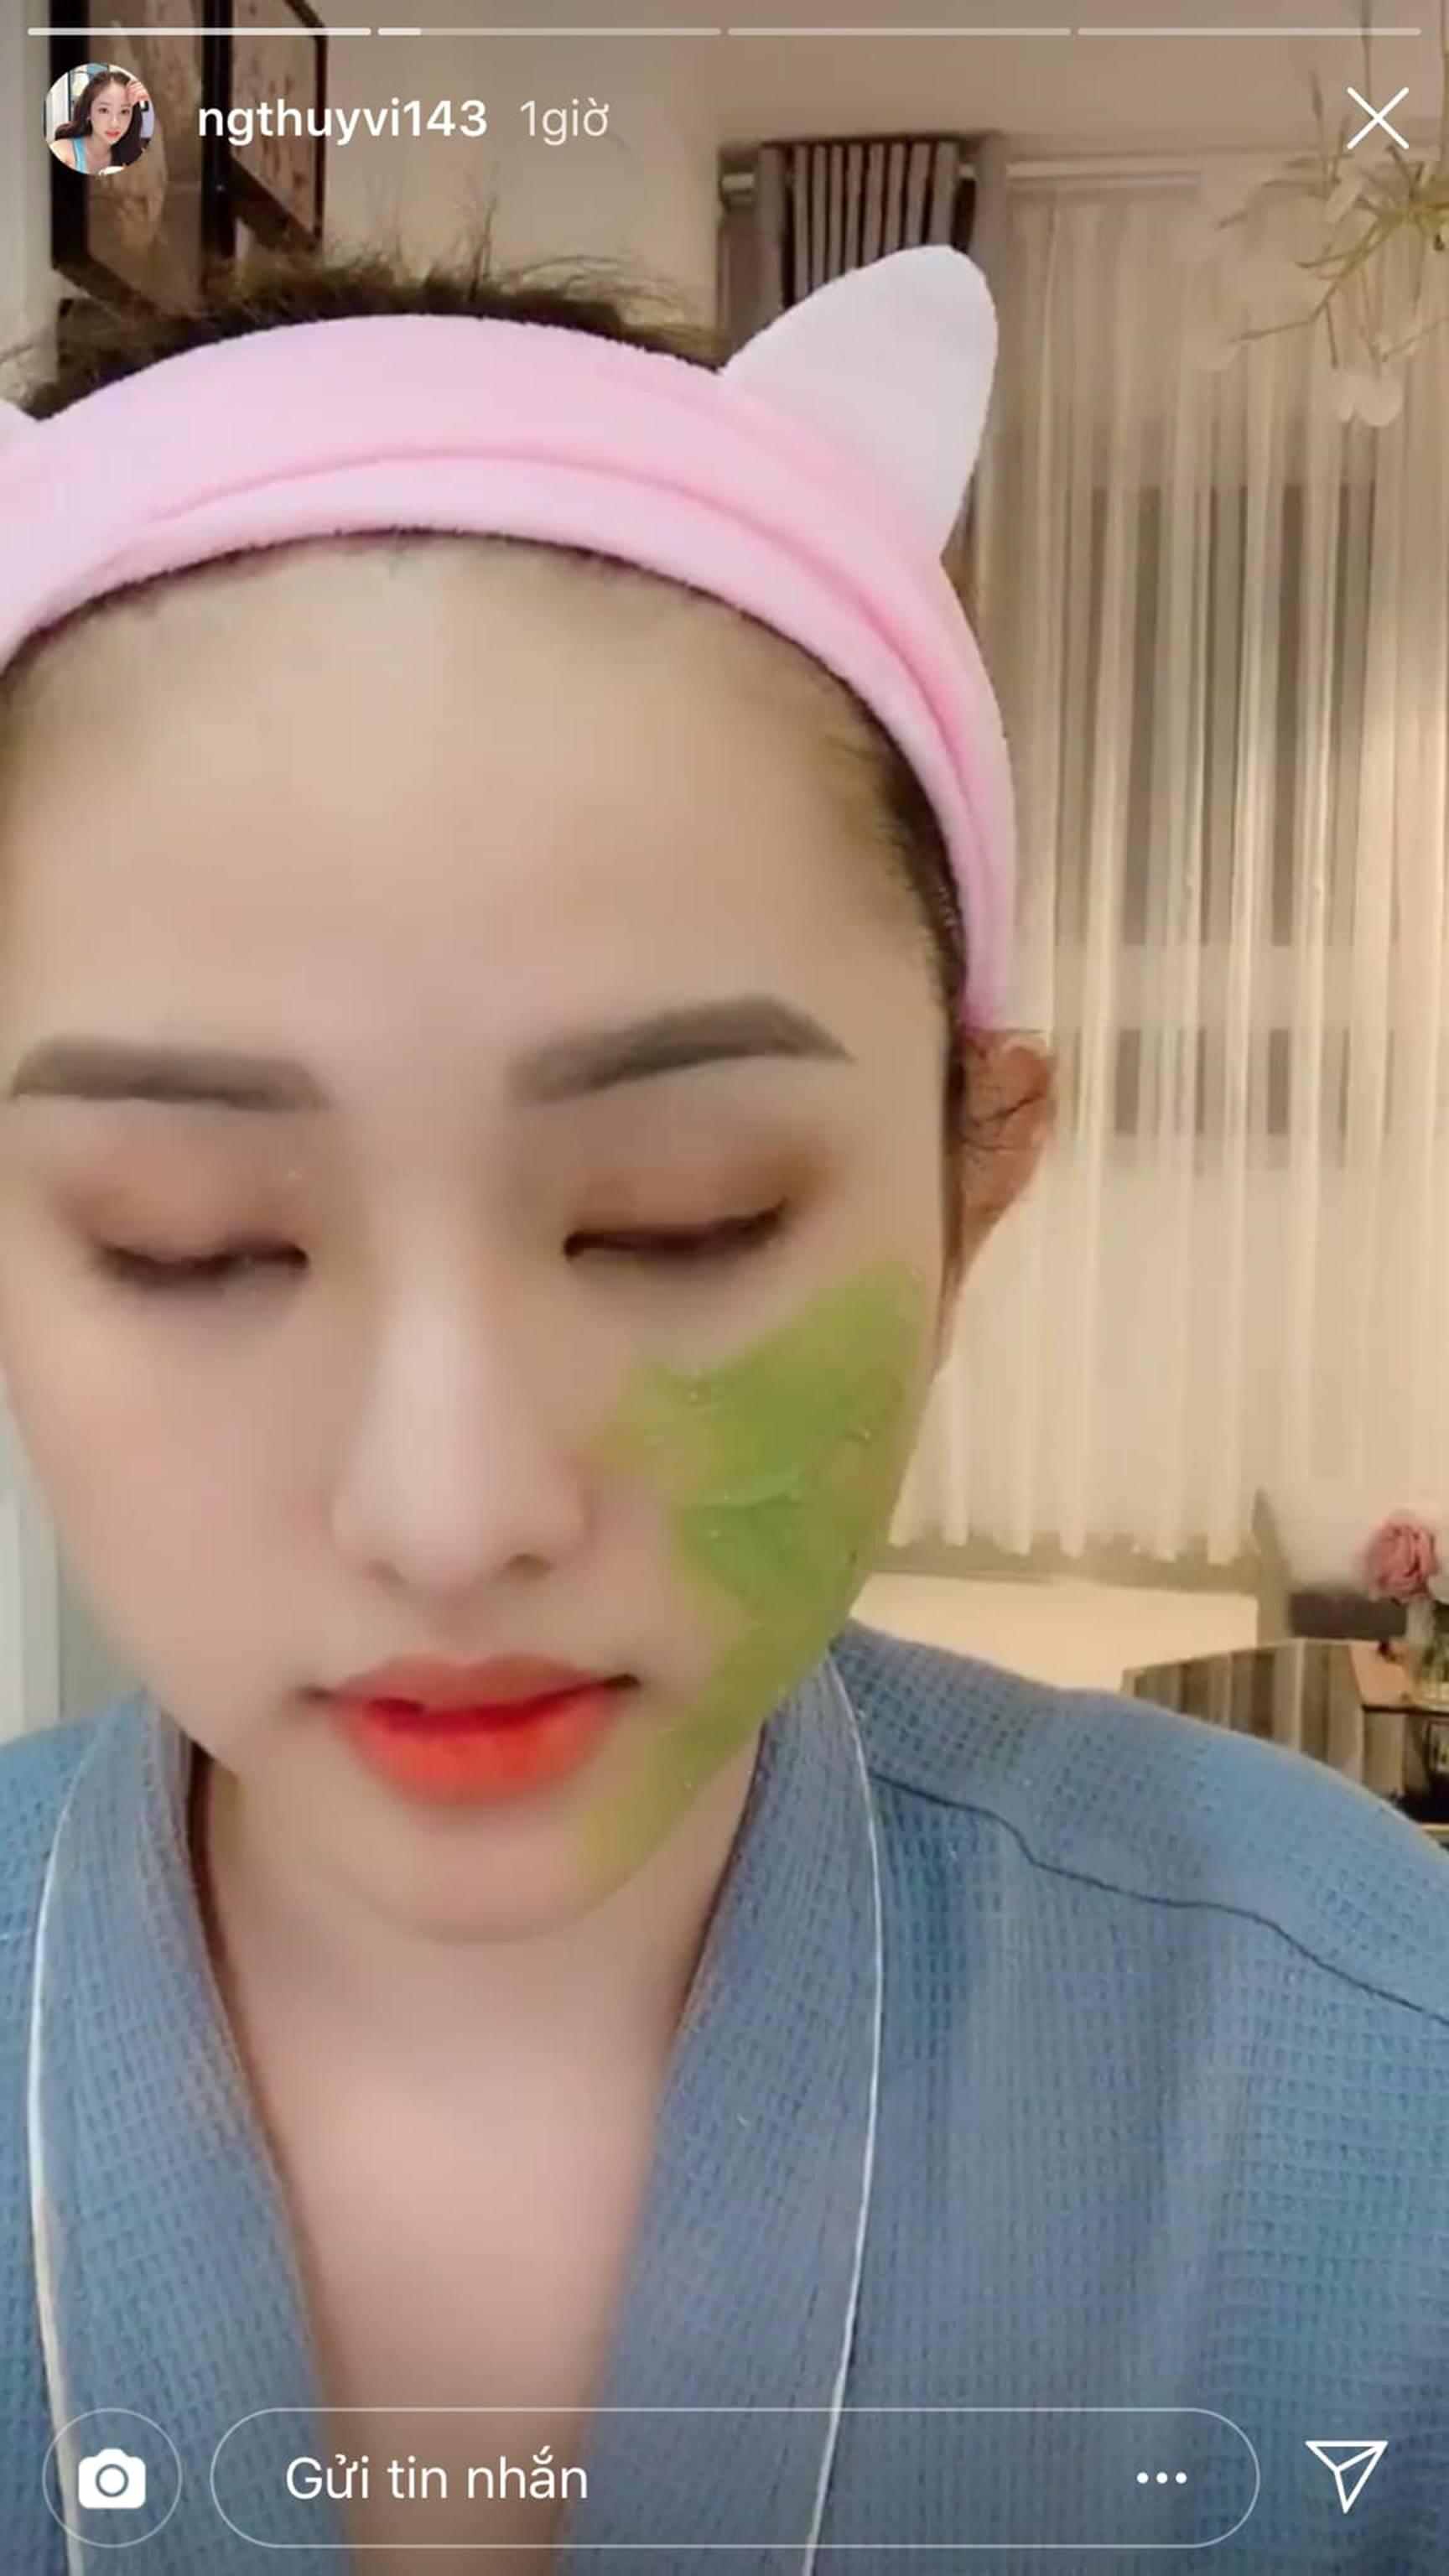 Thúy Vi lạ ghê, đắp mặt nạ khổ qua mà trên mặt 7749 lớp make-up thế này thì da hấp thụ làm sao?-1